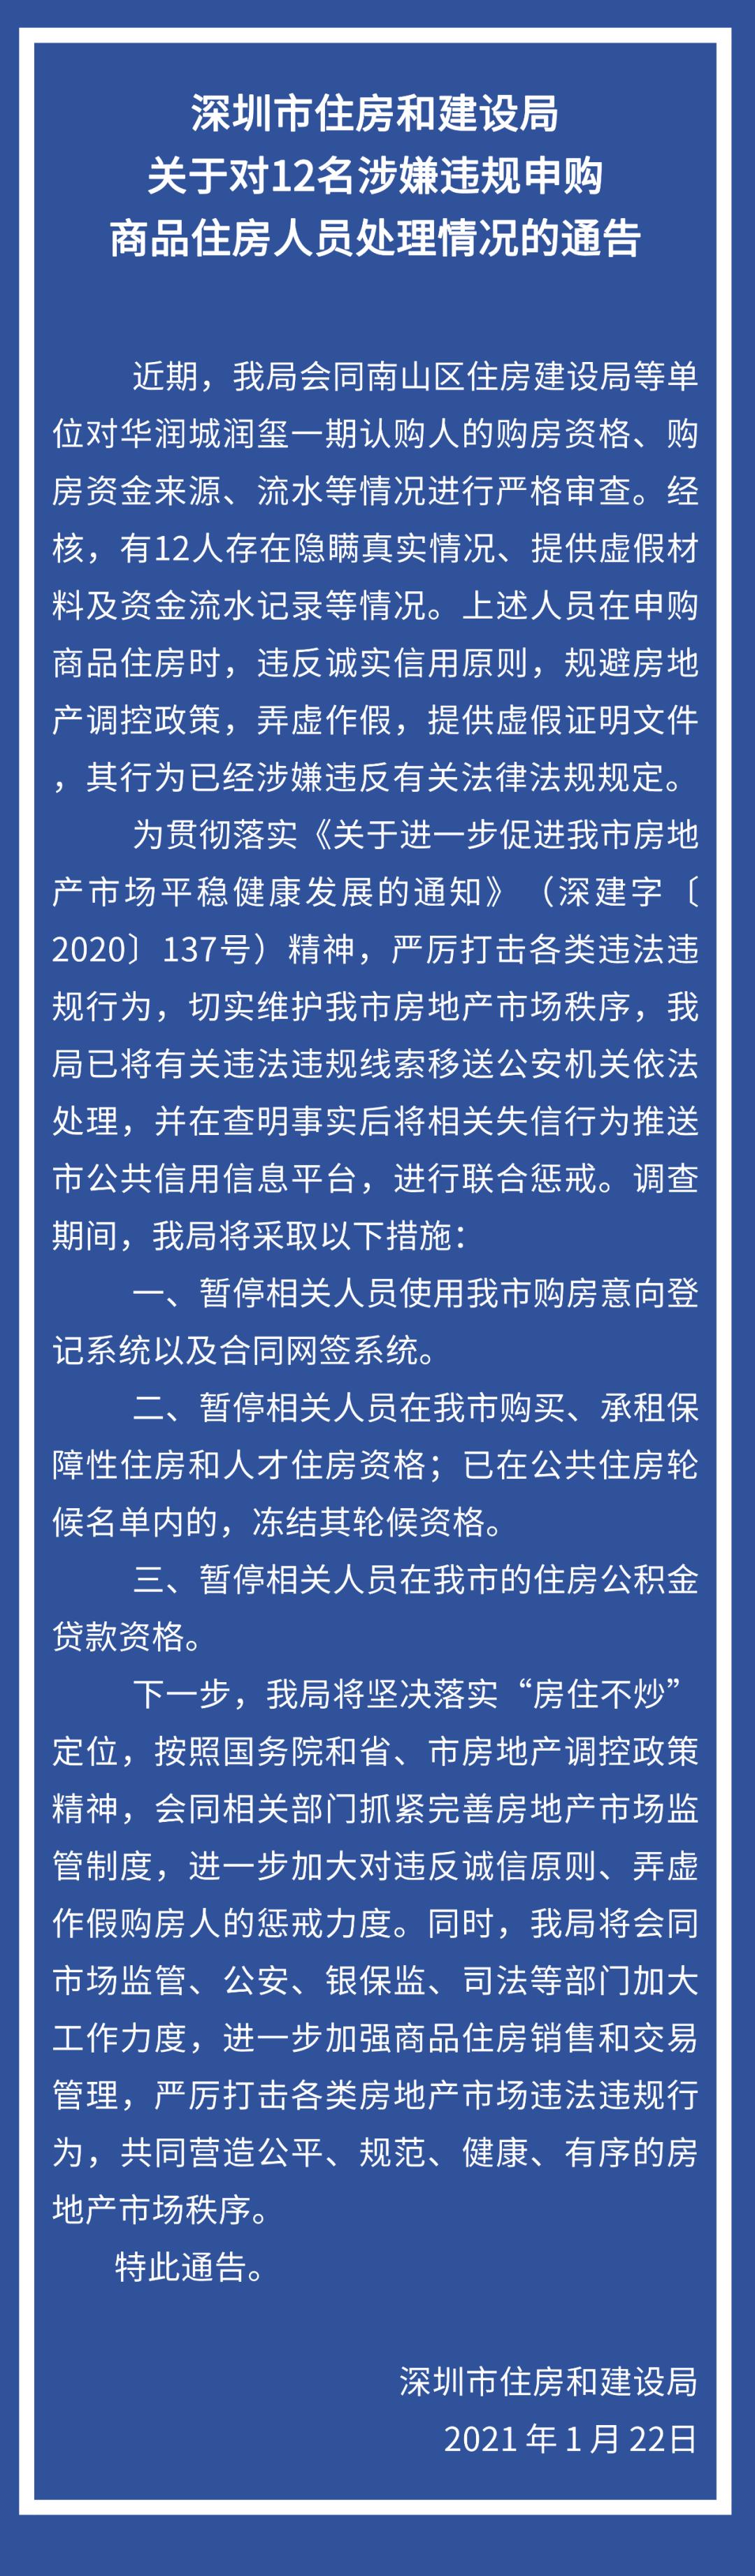 深圳市住建局:12人涉嫌违规申购商品住房,被移送公安处理